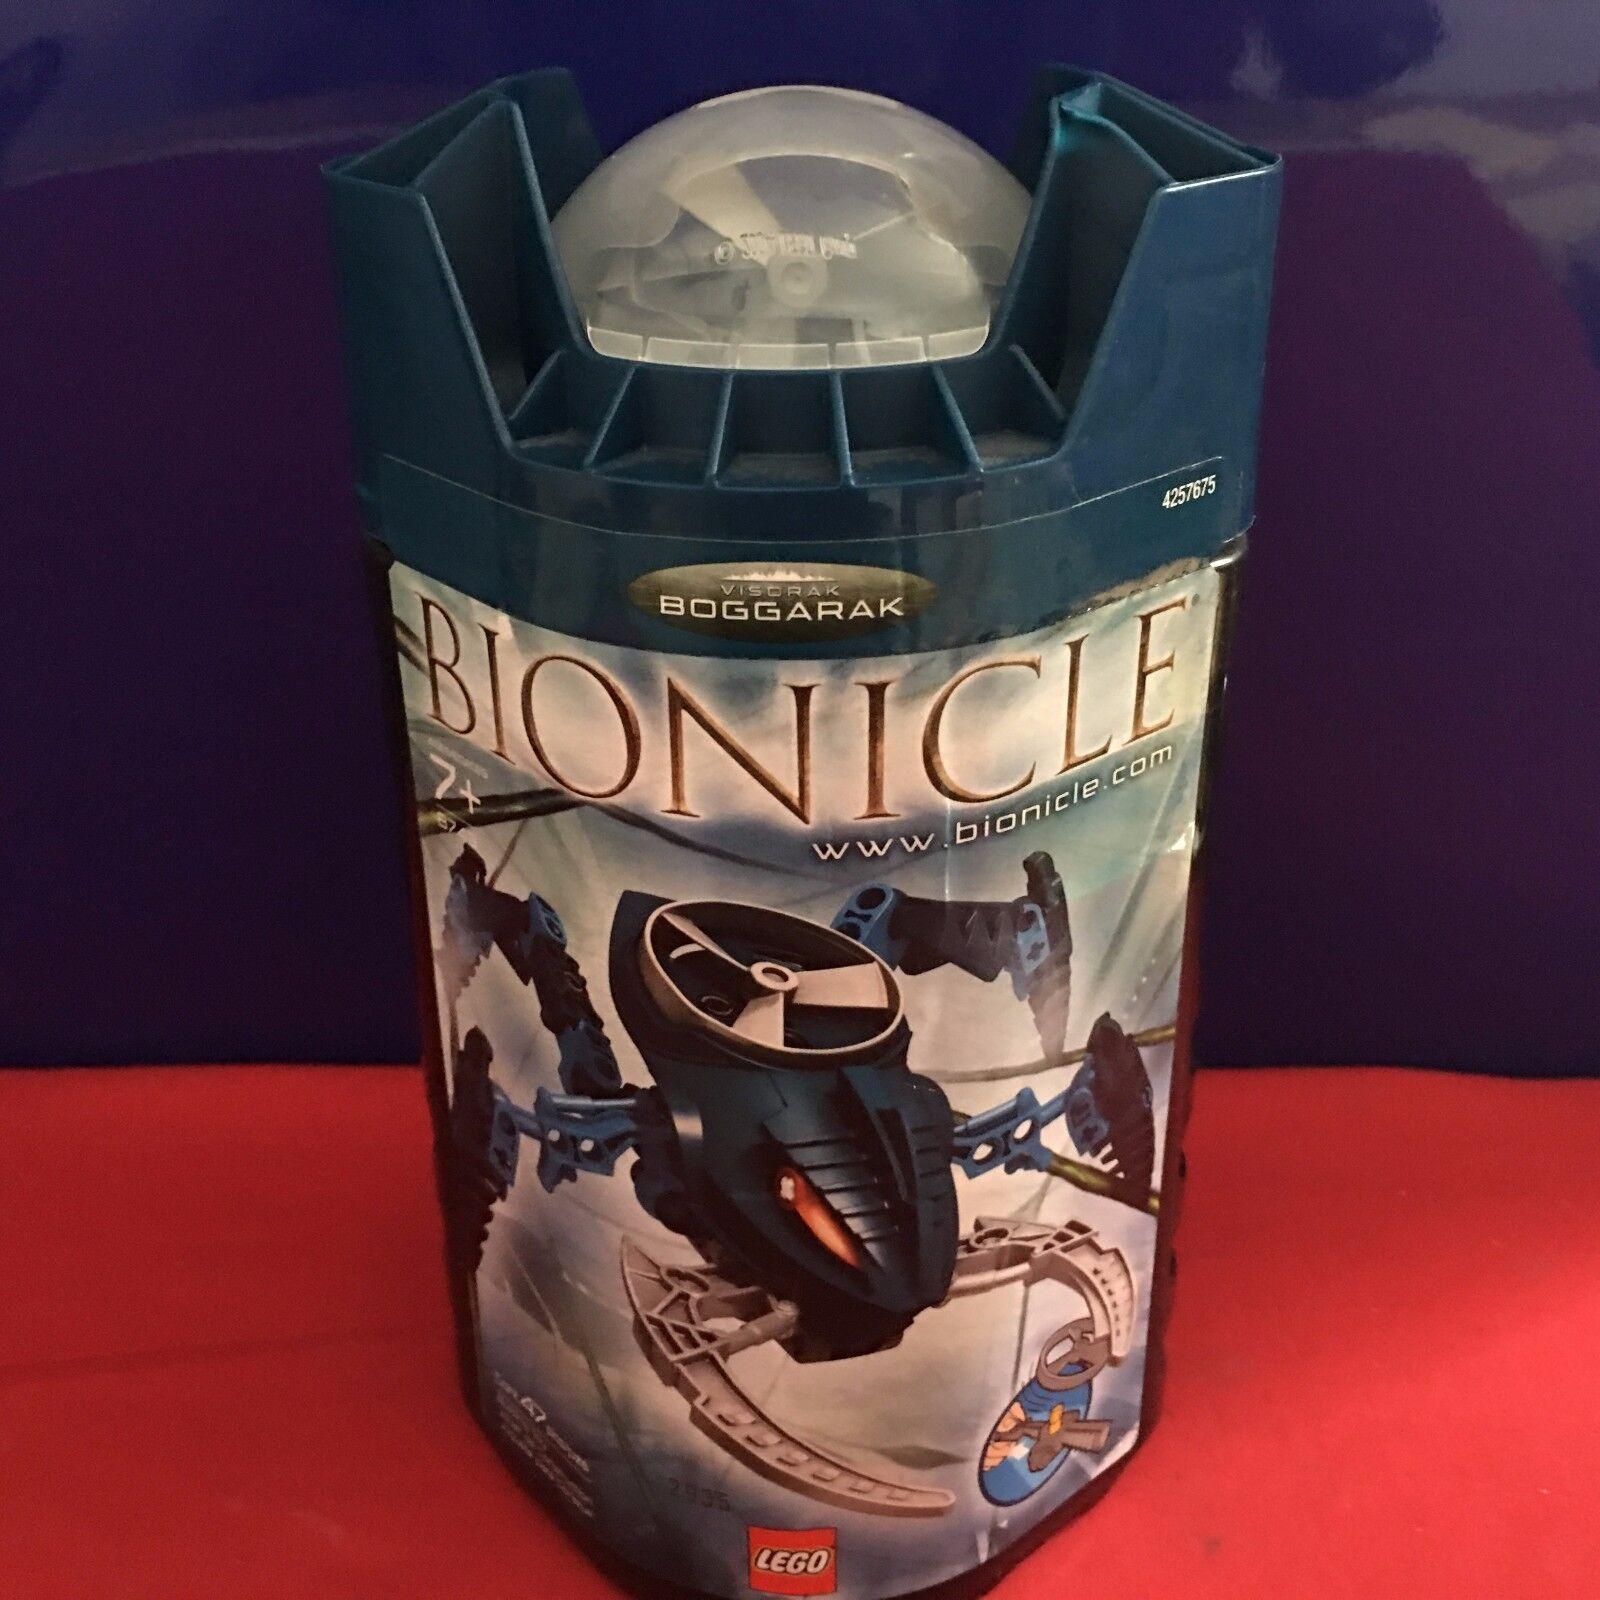 Lego Bionicle  8743 Visorak boggark nouveau  réductions incroyables